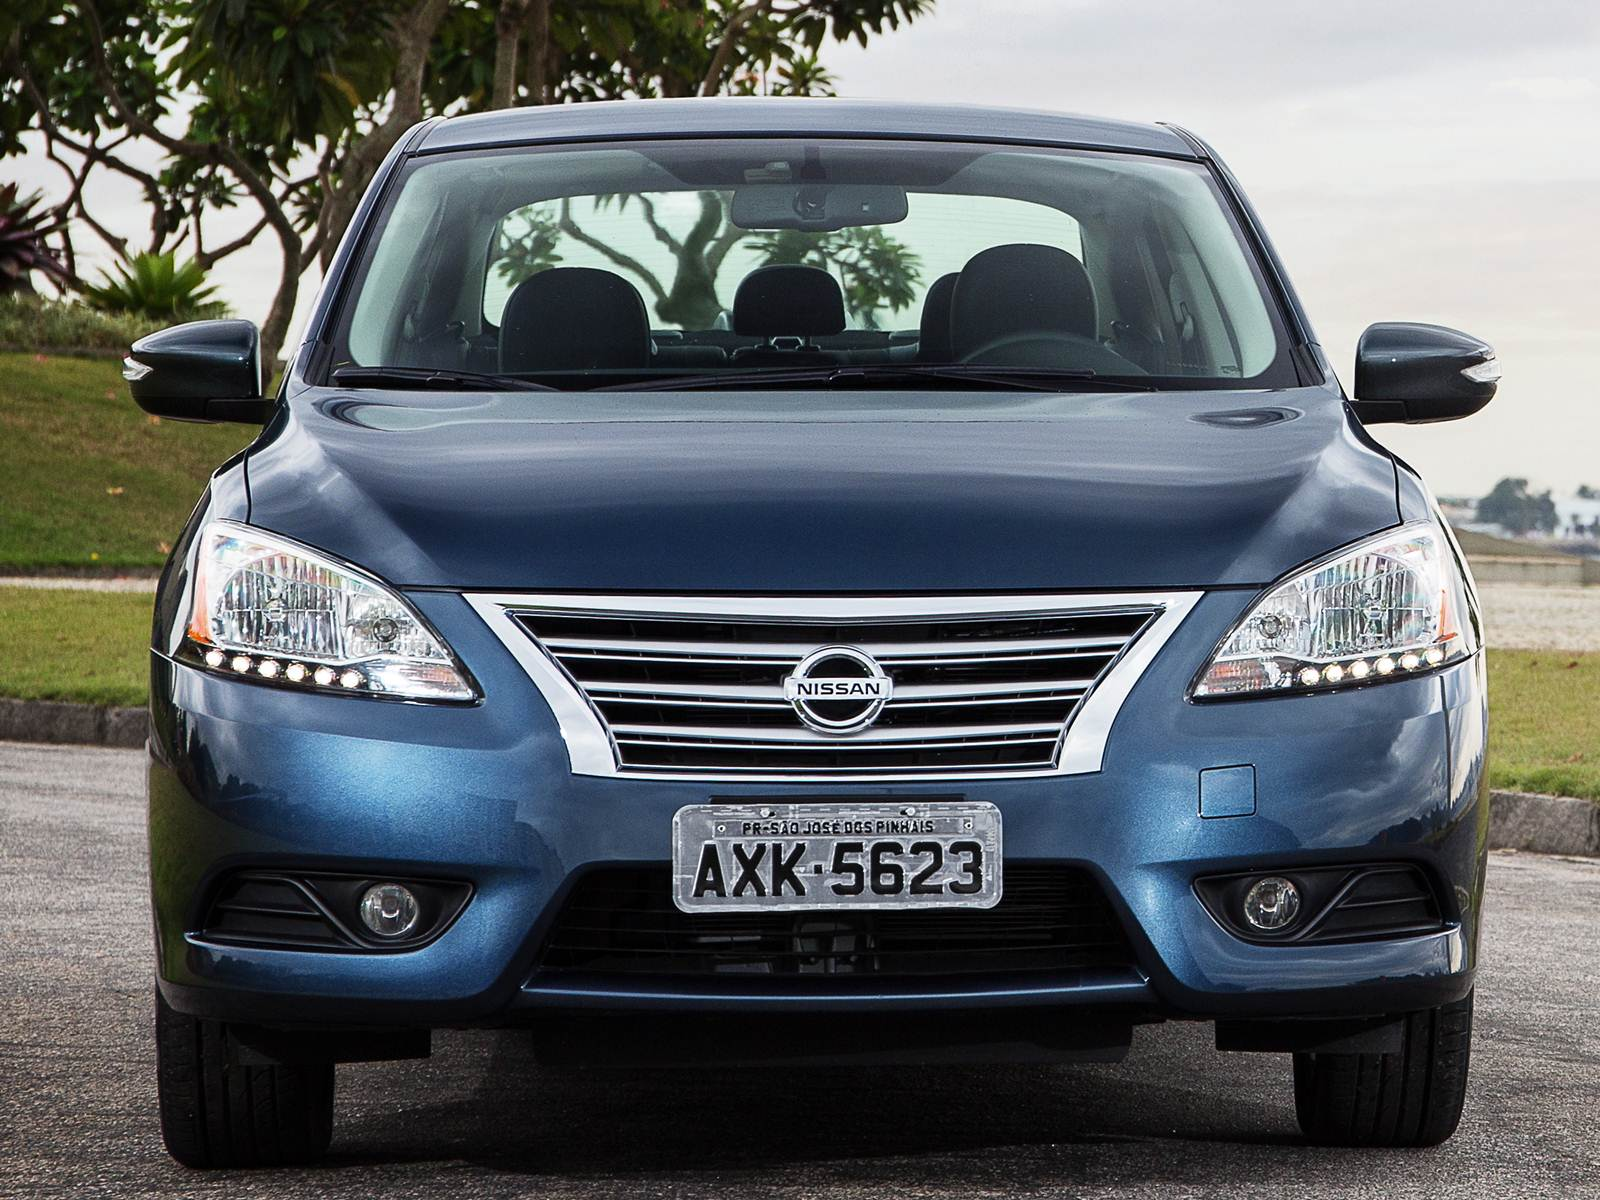 Novo Nissan Sentra 2014